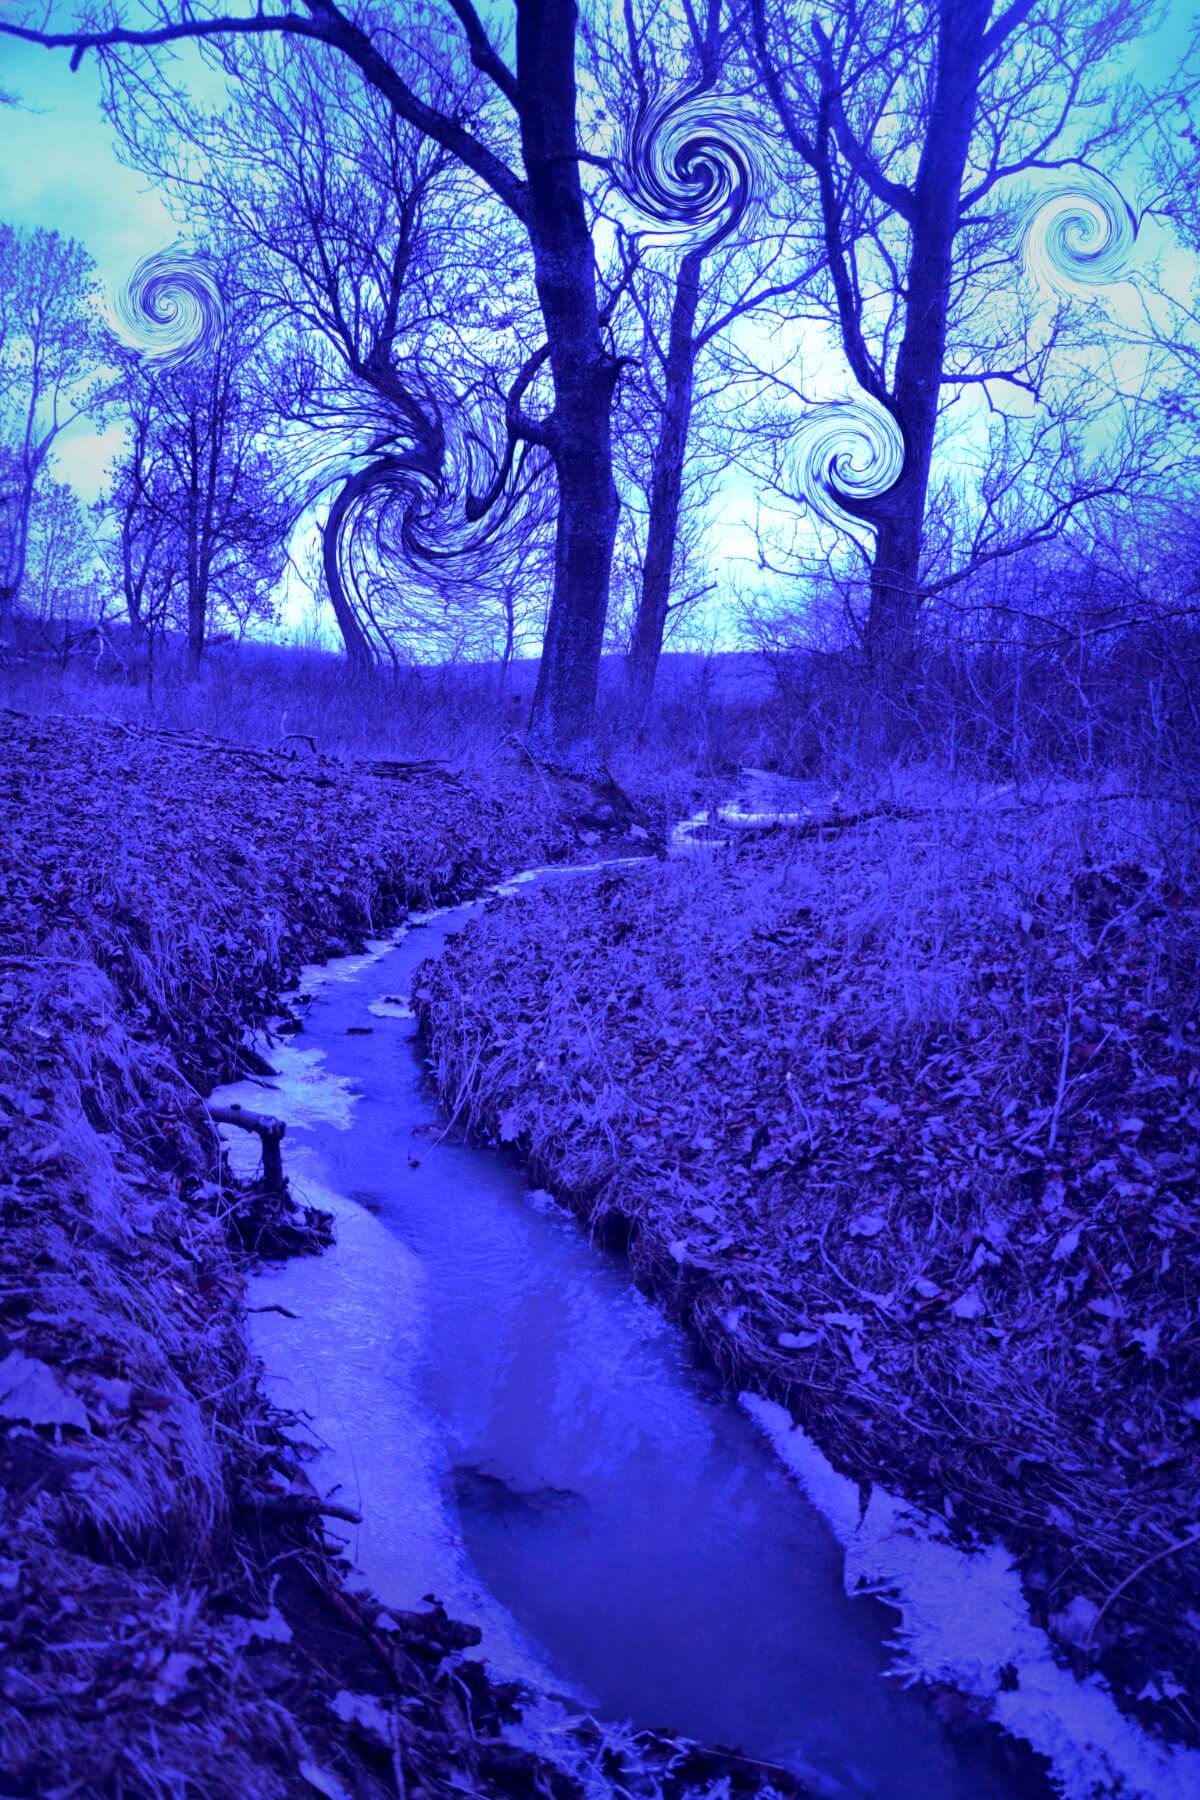 Eckhard Ischebeck - Blue river